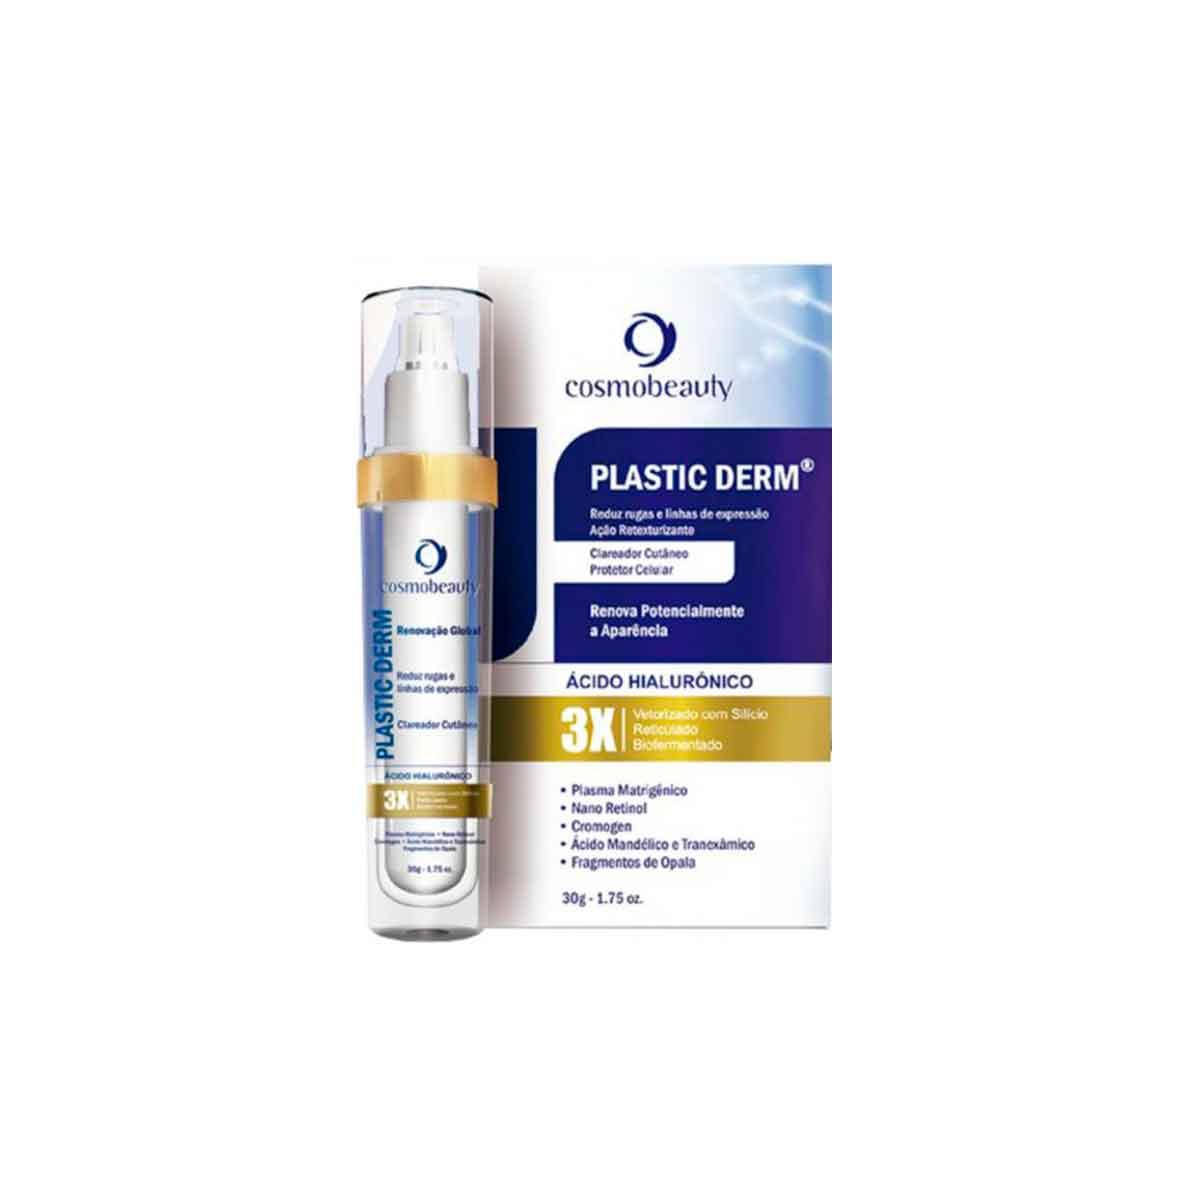 Creme Antienvelhecimento Plastic Derm -  30g